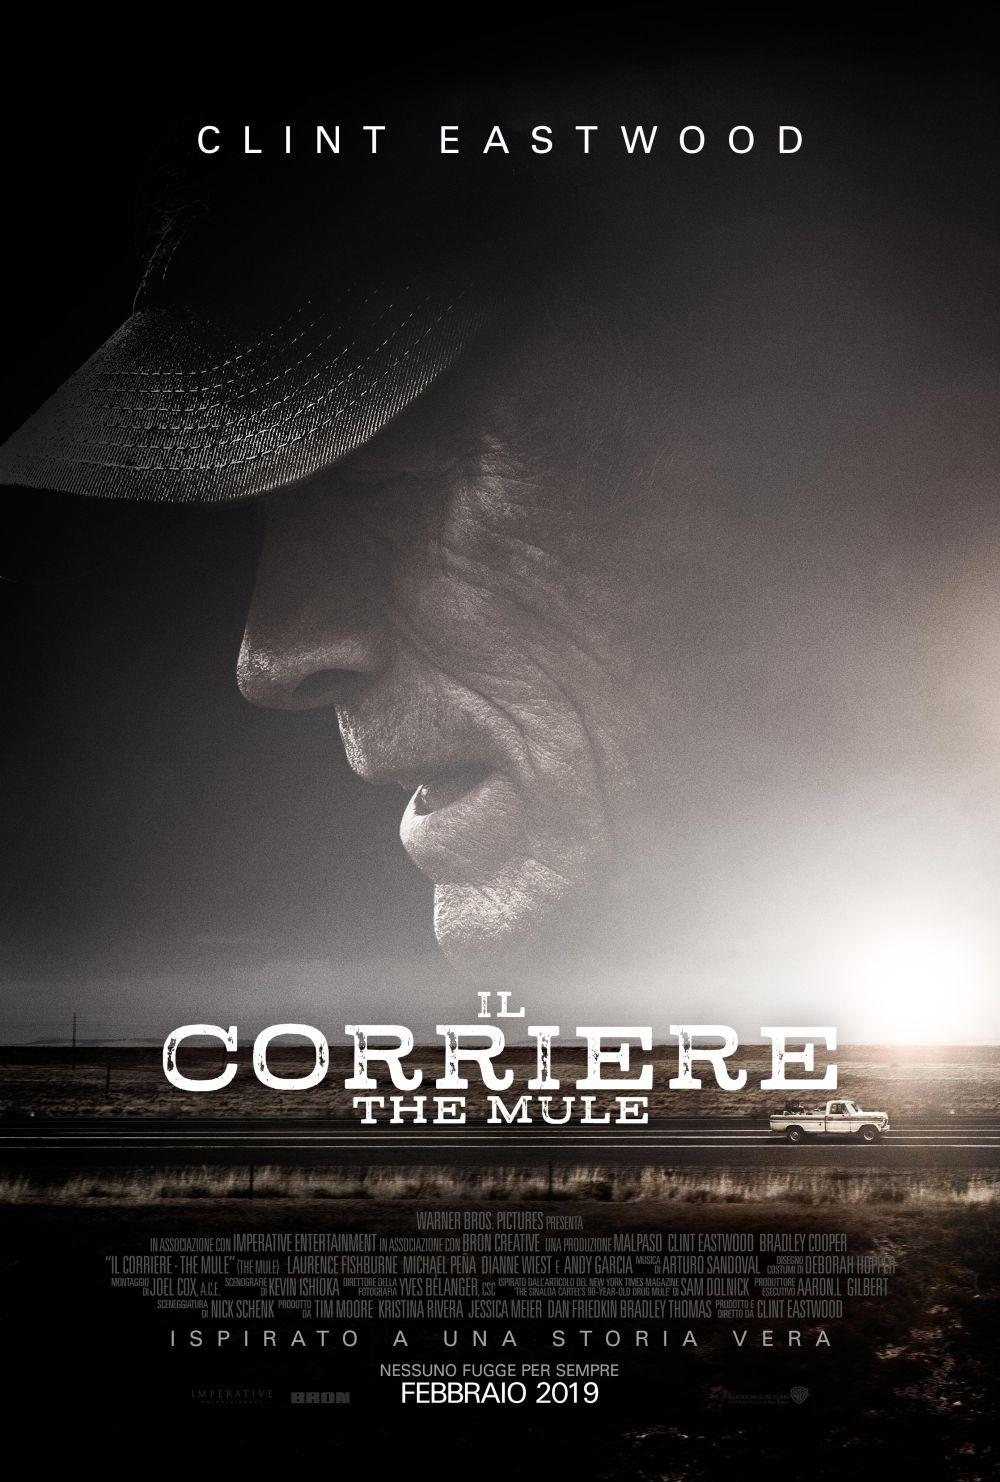 Locandina di Il corriere - The Mule